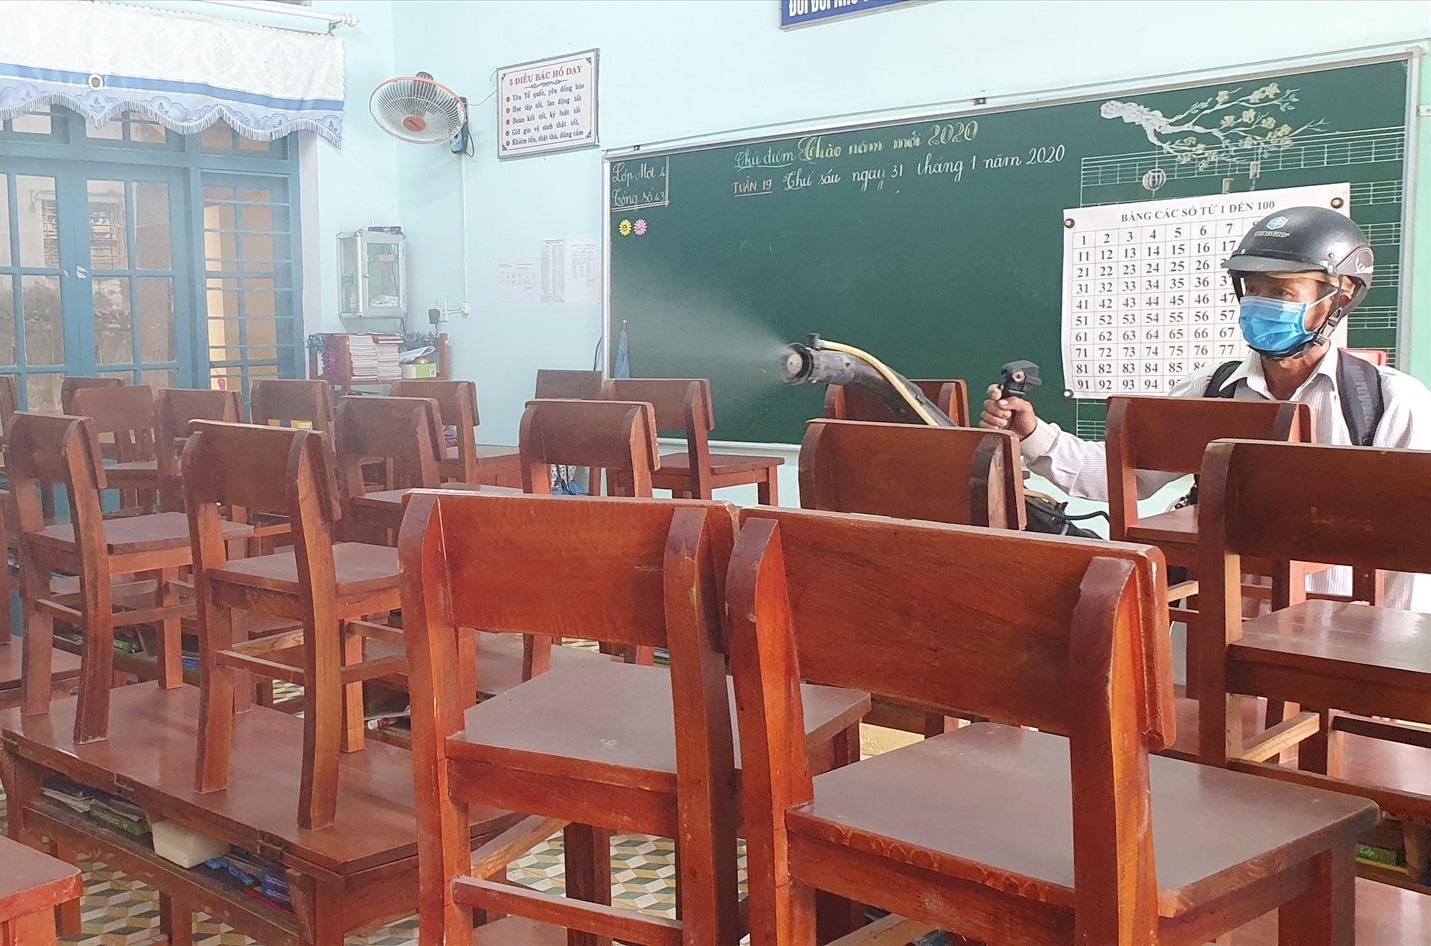 Ngành y tế Tam Kỳ hoàn thành phun thuốc khử trùng trường học trong ngày 3.5. Ảnh: X.P